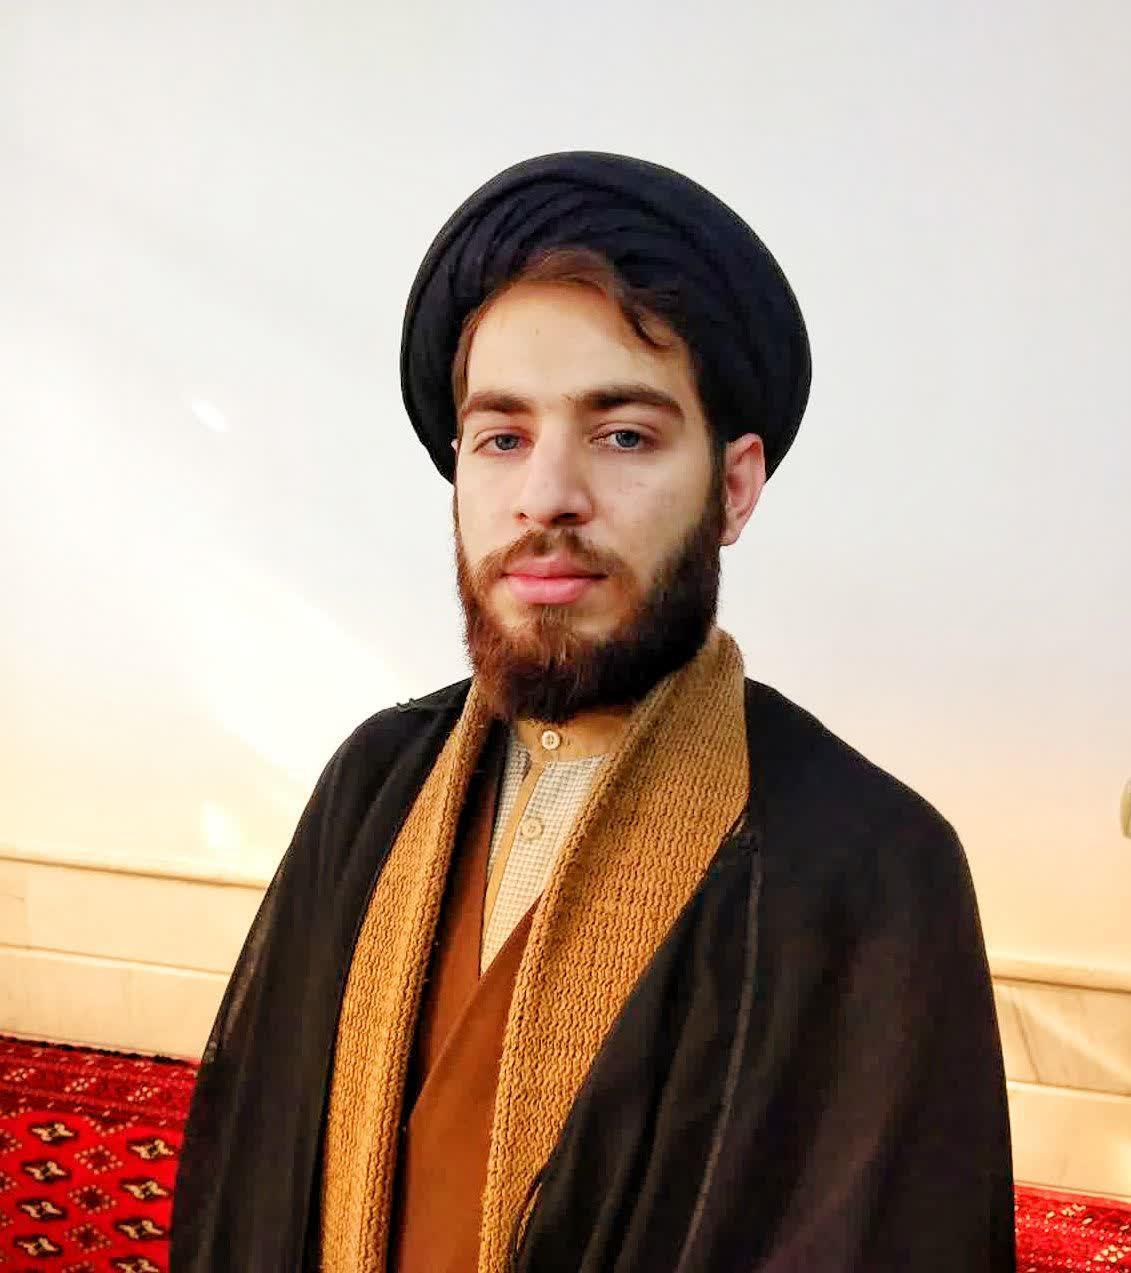 زندگینامه حجت الاسلام والمسلمین سید علیرضا تقوی